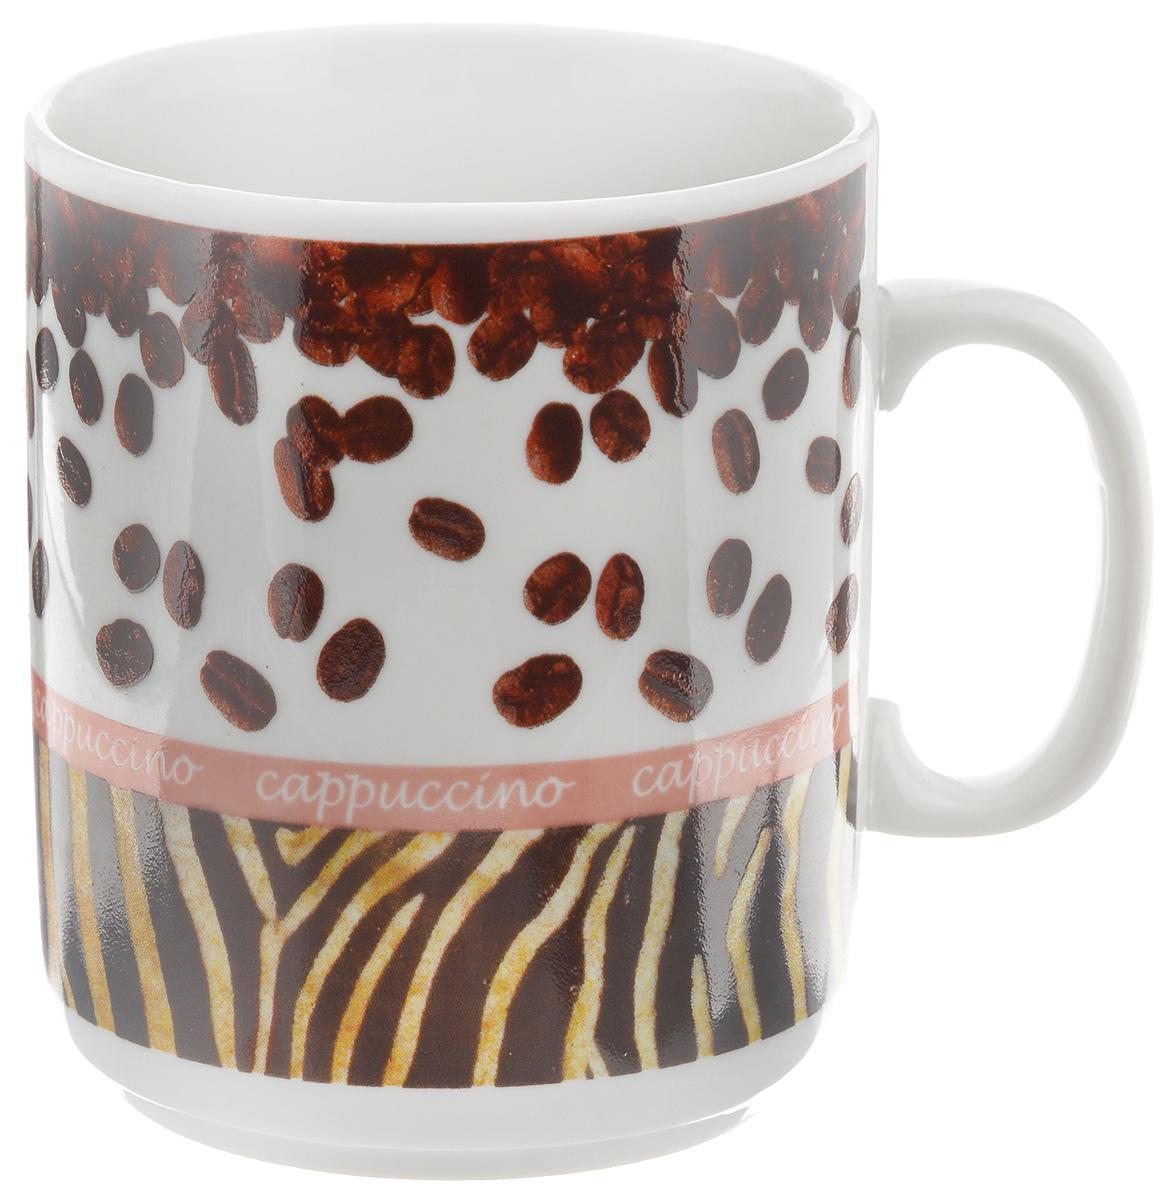 Кружка Фарфор Вербилок Капучино, 300 мл9272160Кружка Фарфор Вербилок Капучино способна скрасить любое чаепитие. Изделие выполнено из высококачественного фарфора. Посуда из такого материала позволяет сохранить истинный вкус напитка, а также помогает ему дольше оставаться теплым. Диаметр по верхнему краю: 8 см. Высота кружки: 9,5 см. Объем кружки: 300 мл.